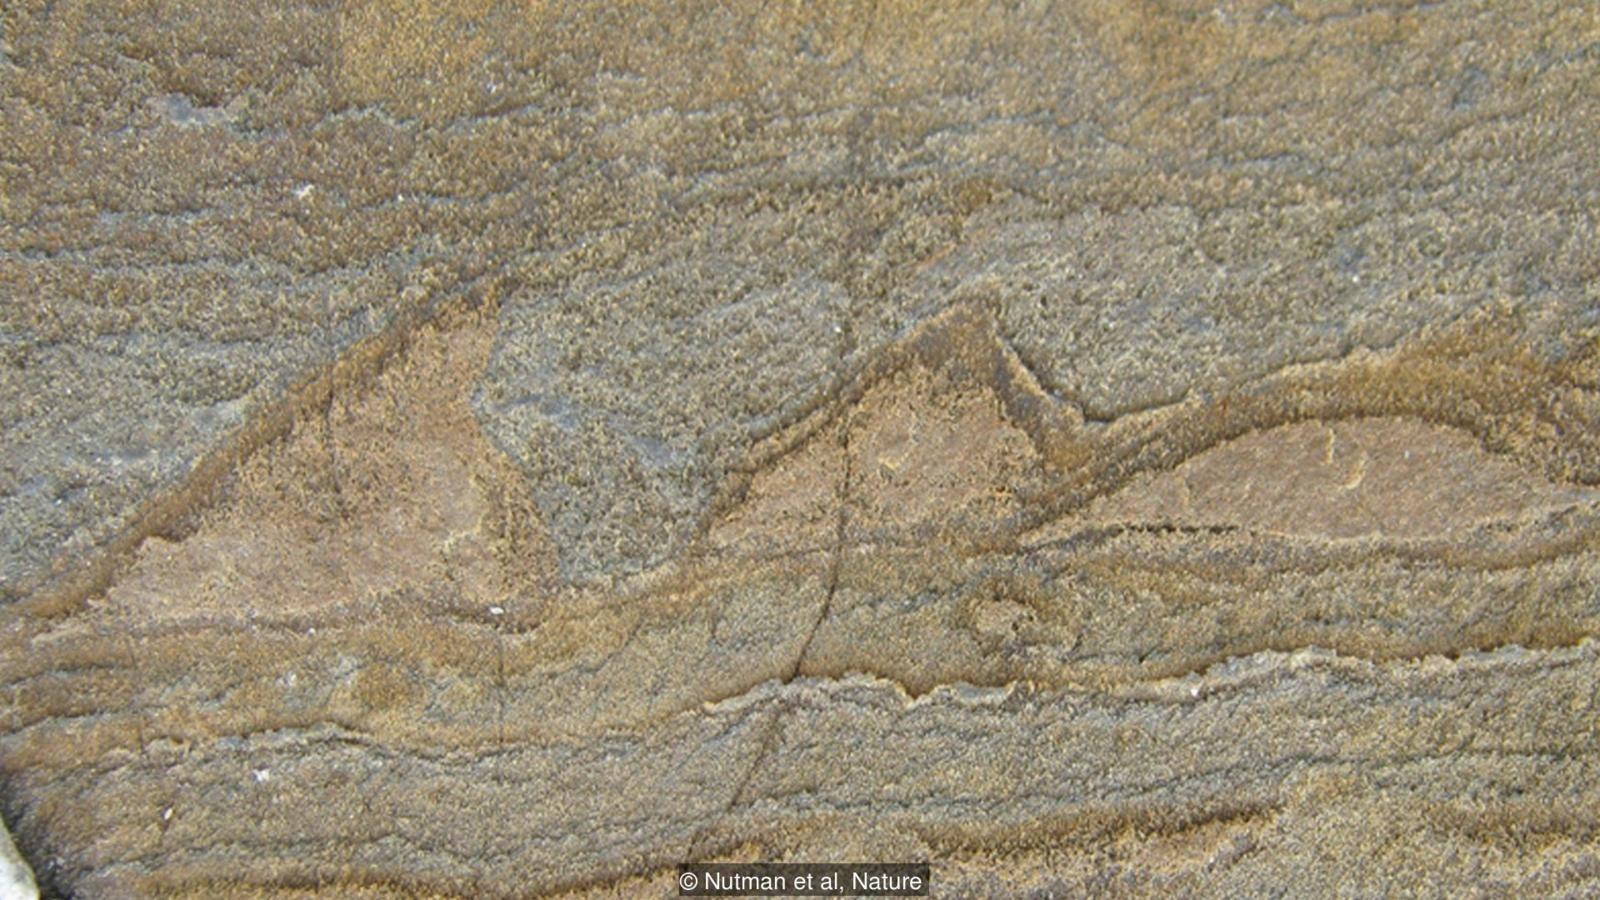 Bu dalgalı desenlerin 3.7 milyar yaşındaki canlılara ait olduğu düşünülmektedir.